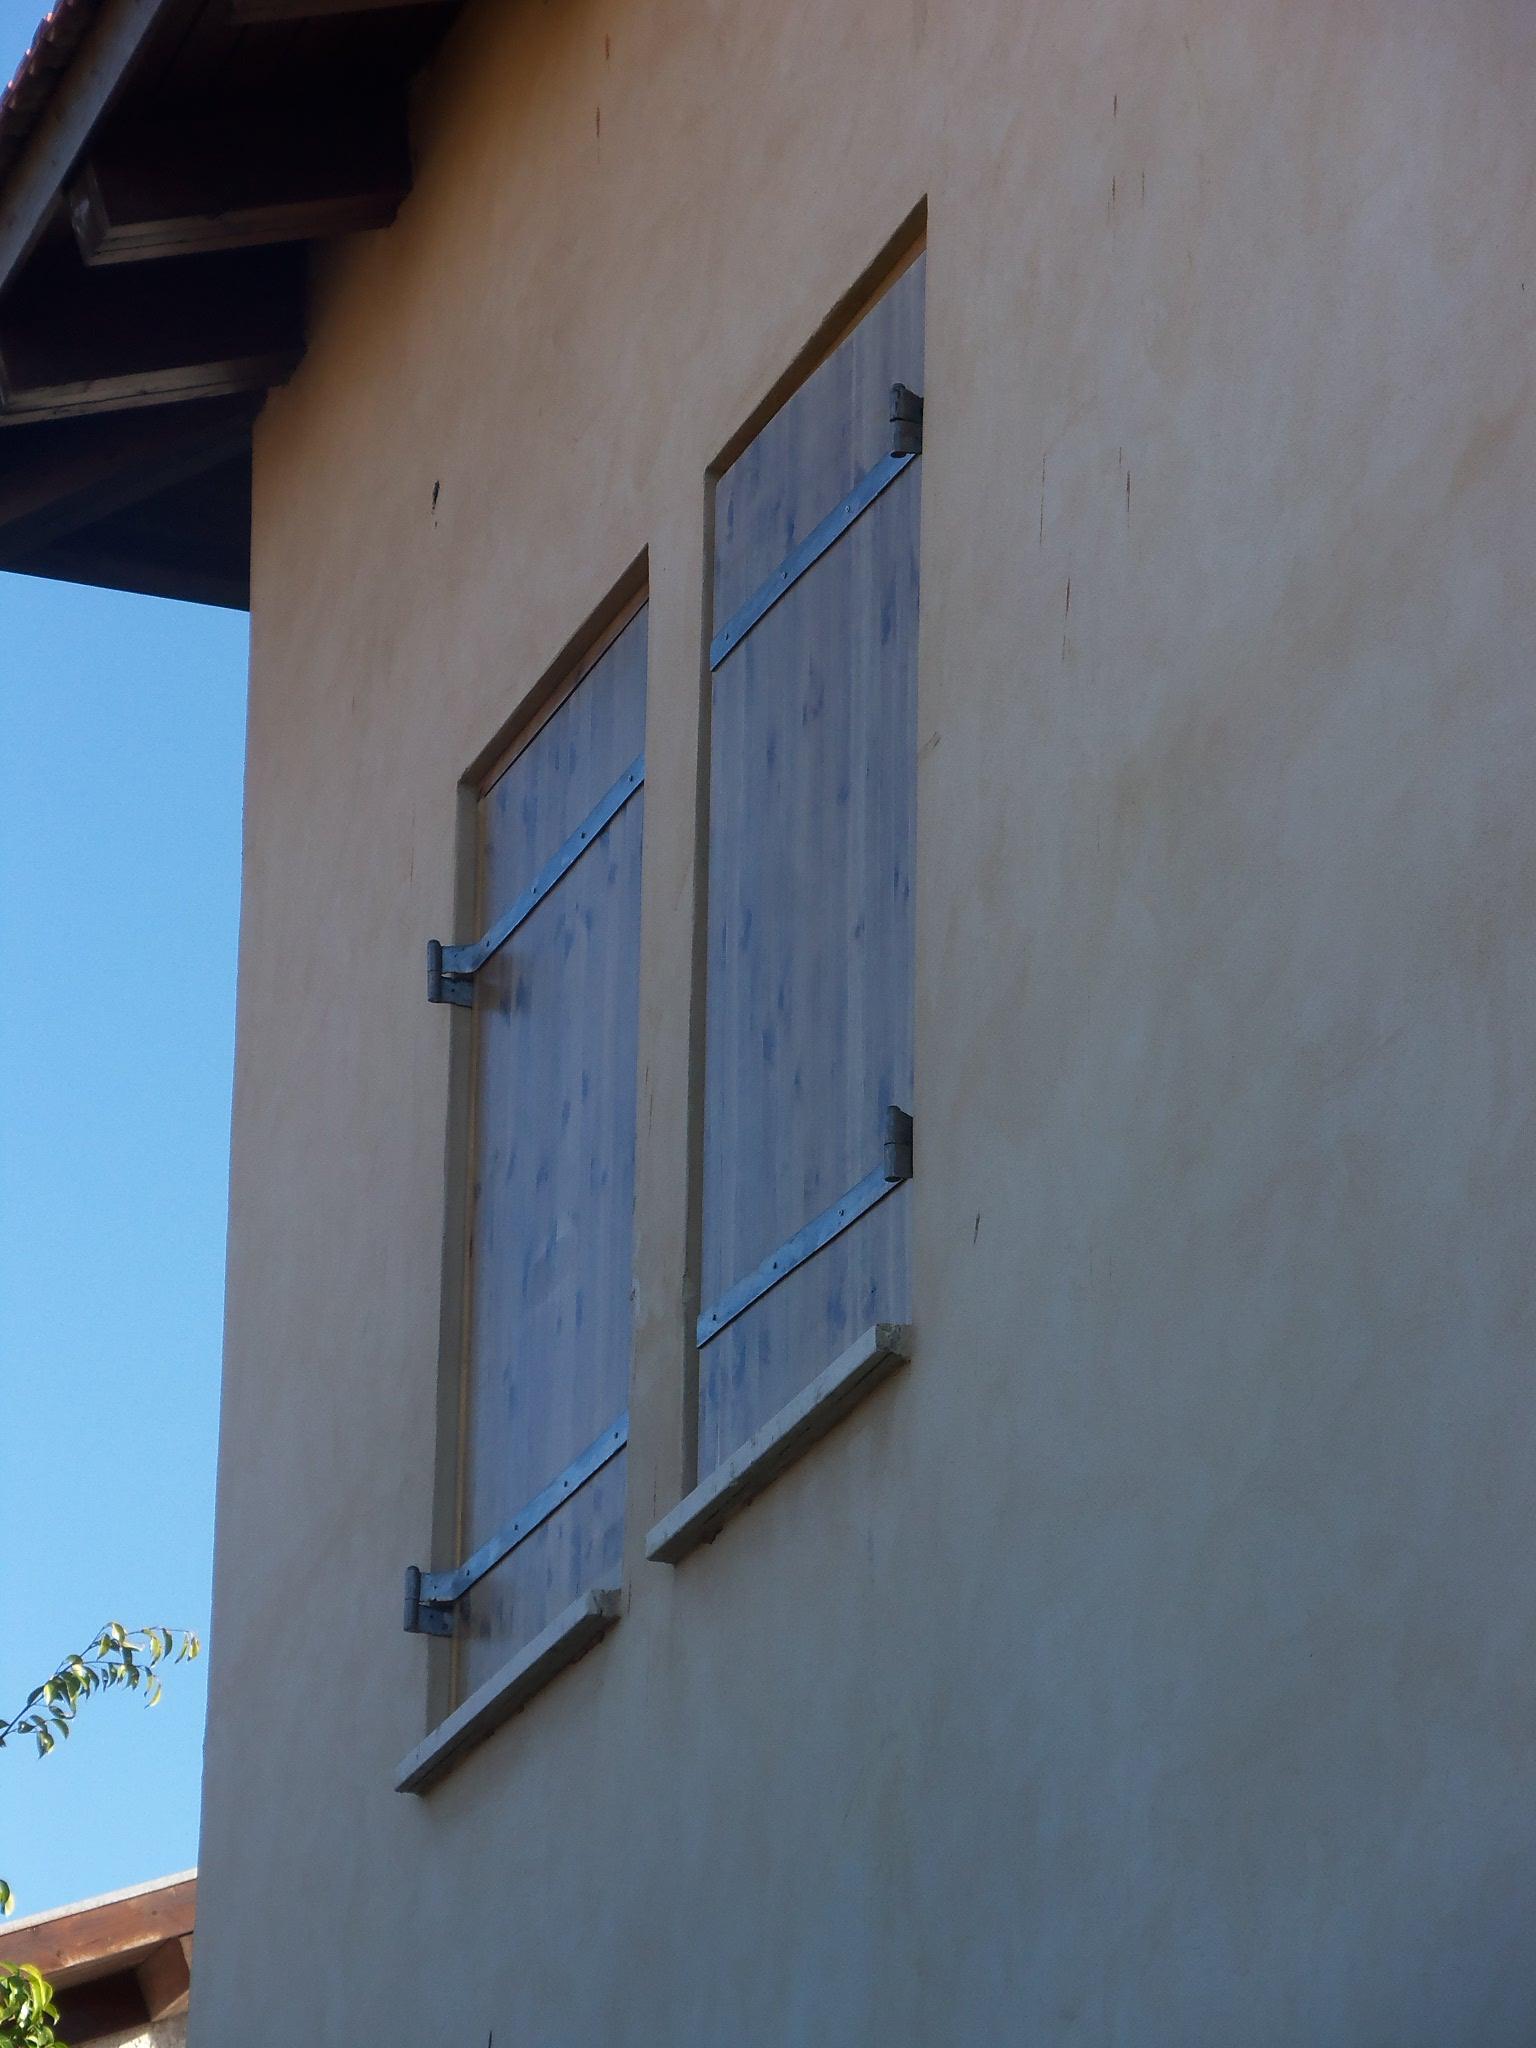 עבודות עץ מיוחדות לחלונות